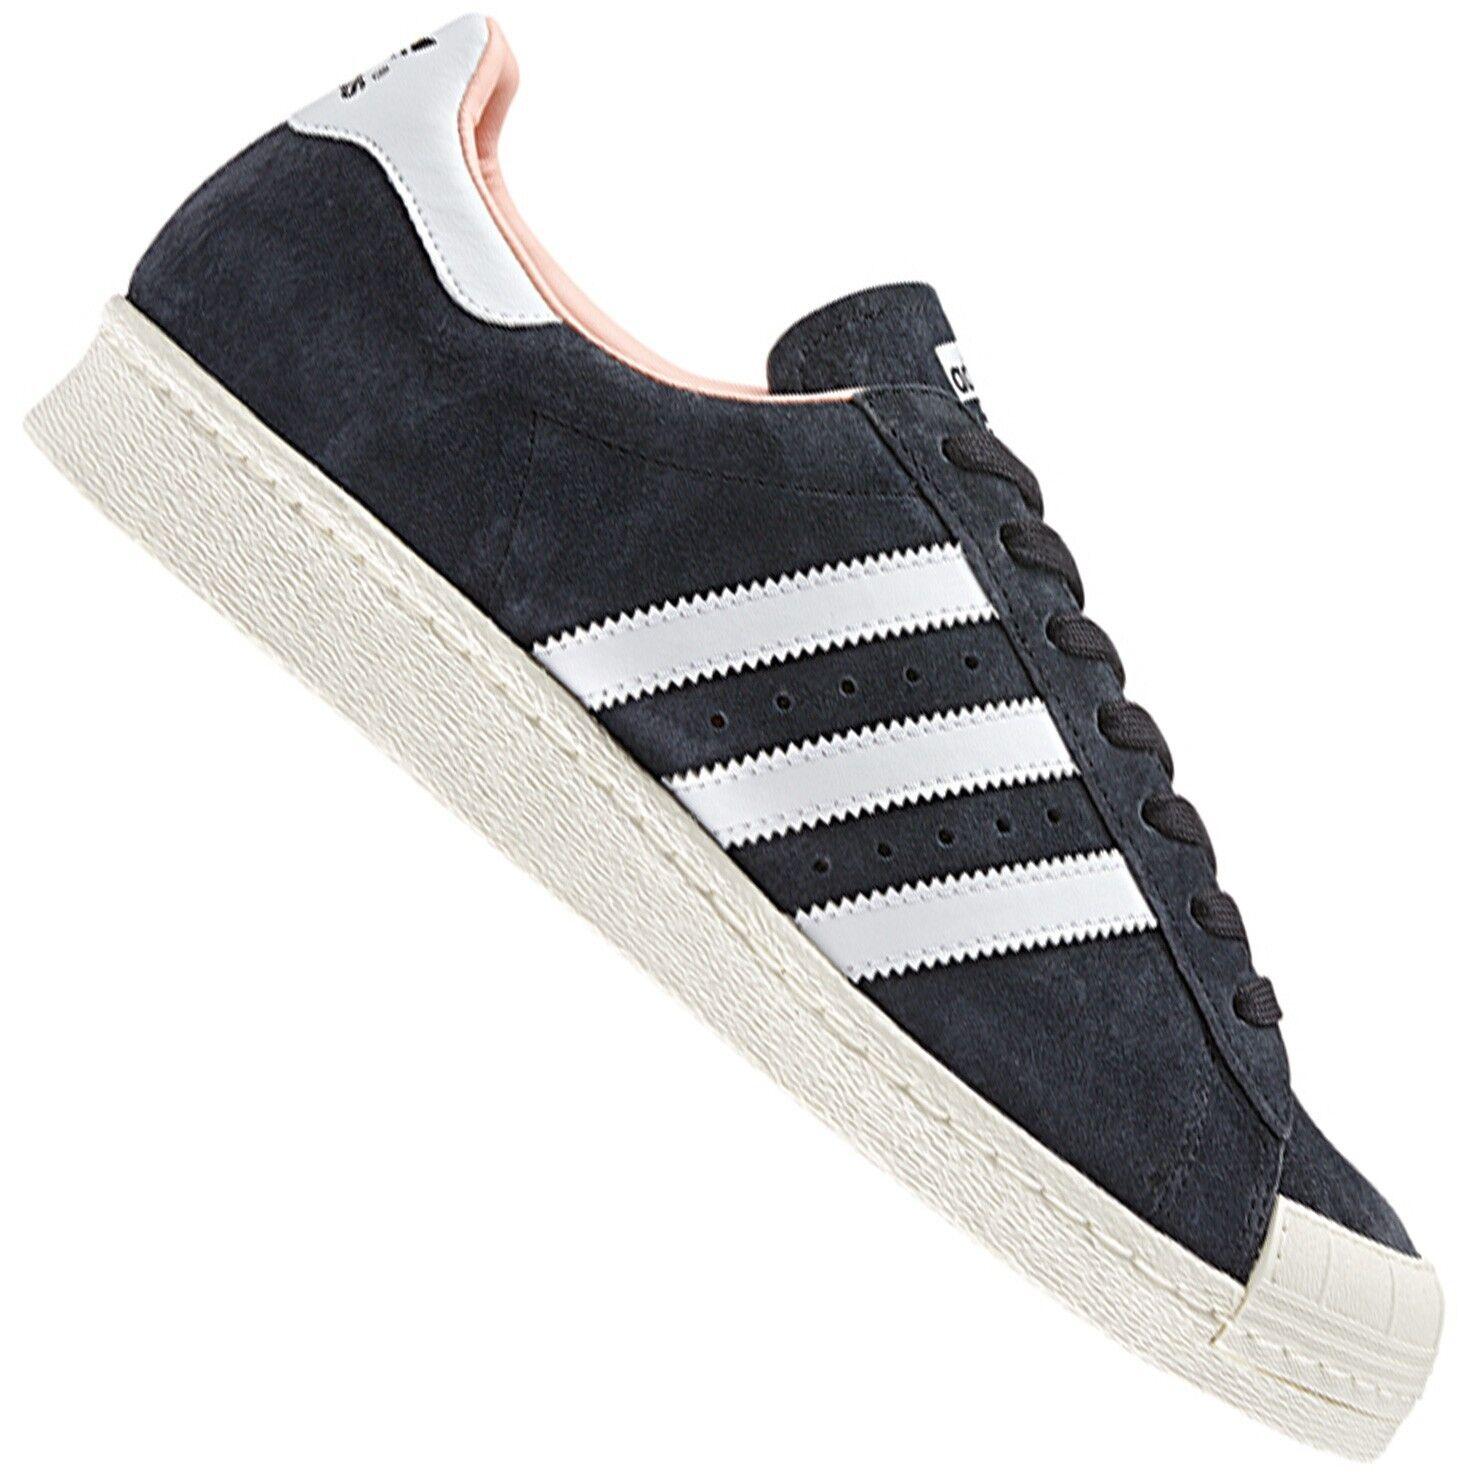 ADIDAS ORIGINALS superstar 80s half Hell cortos de cuero zapatos zapatillas negro